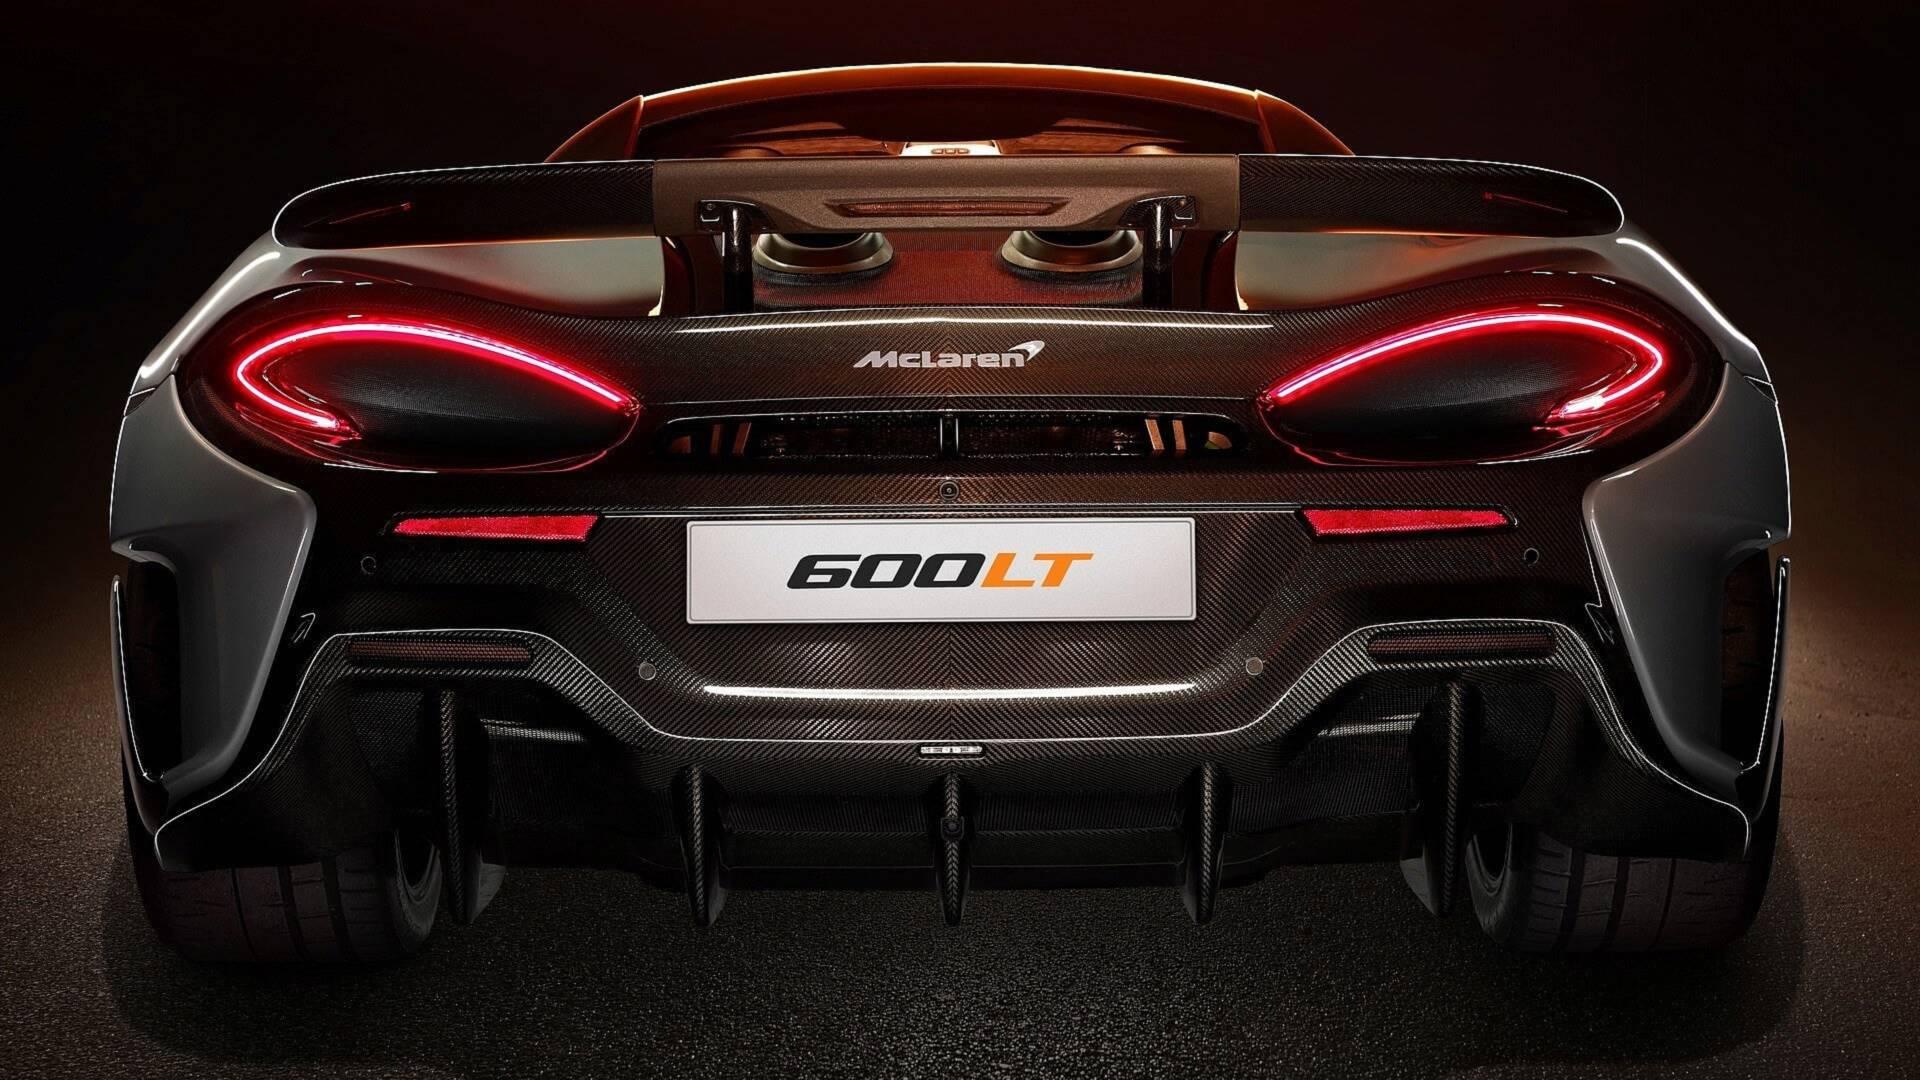 Mclaren 600lt Kolejny Elektryzujący Samochód Z Woking